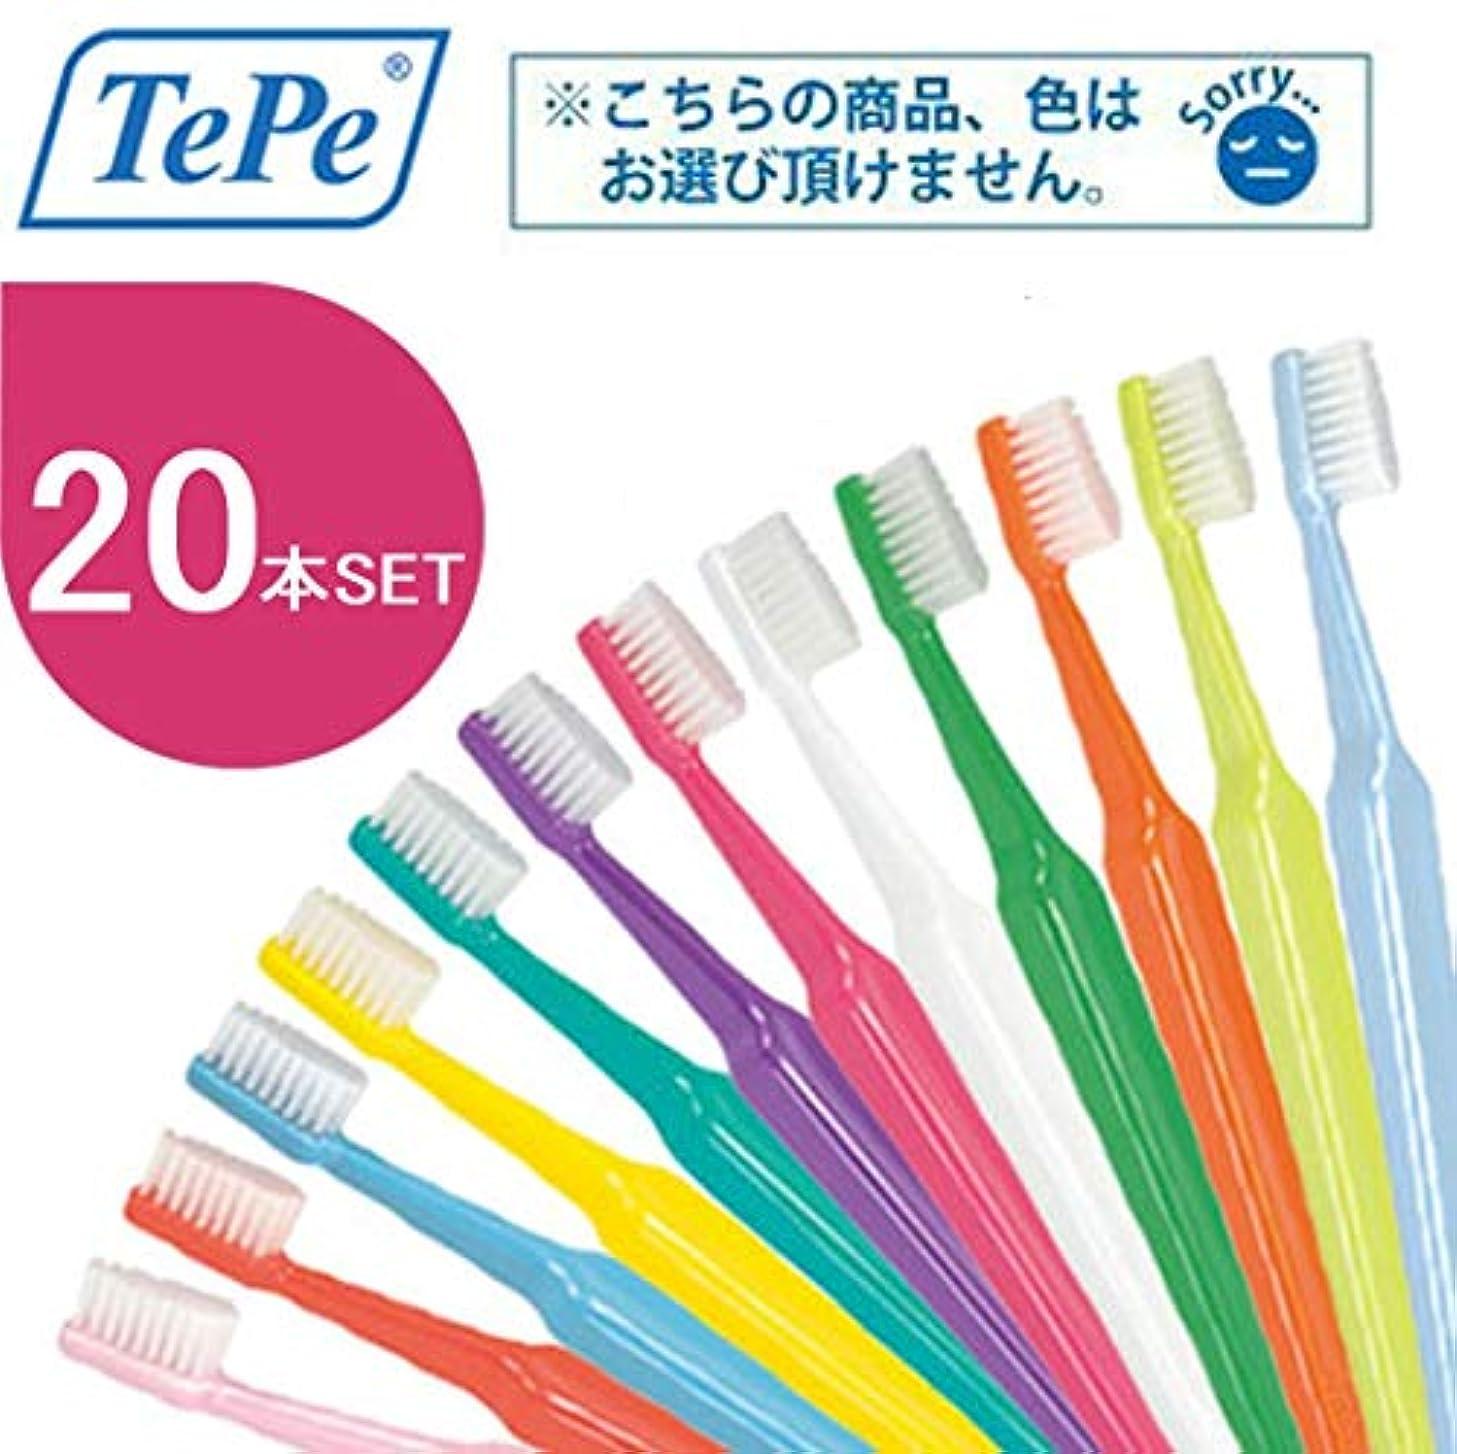 再び柔らかさボーカルクロスフィールド TePe テペ セレクト 歯ブラシ 20本 (ソフト)